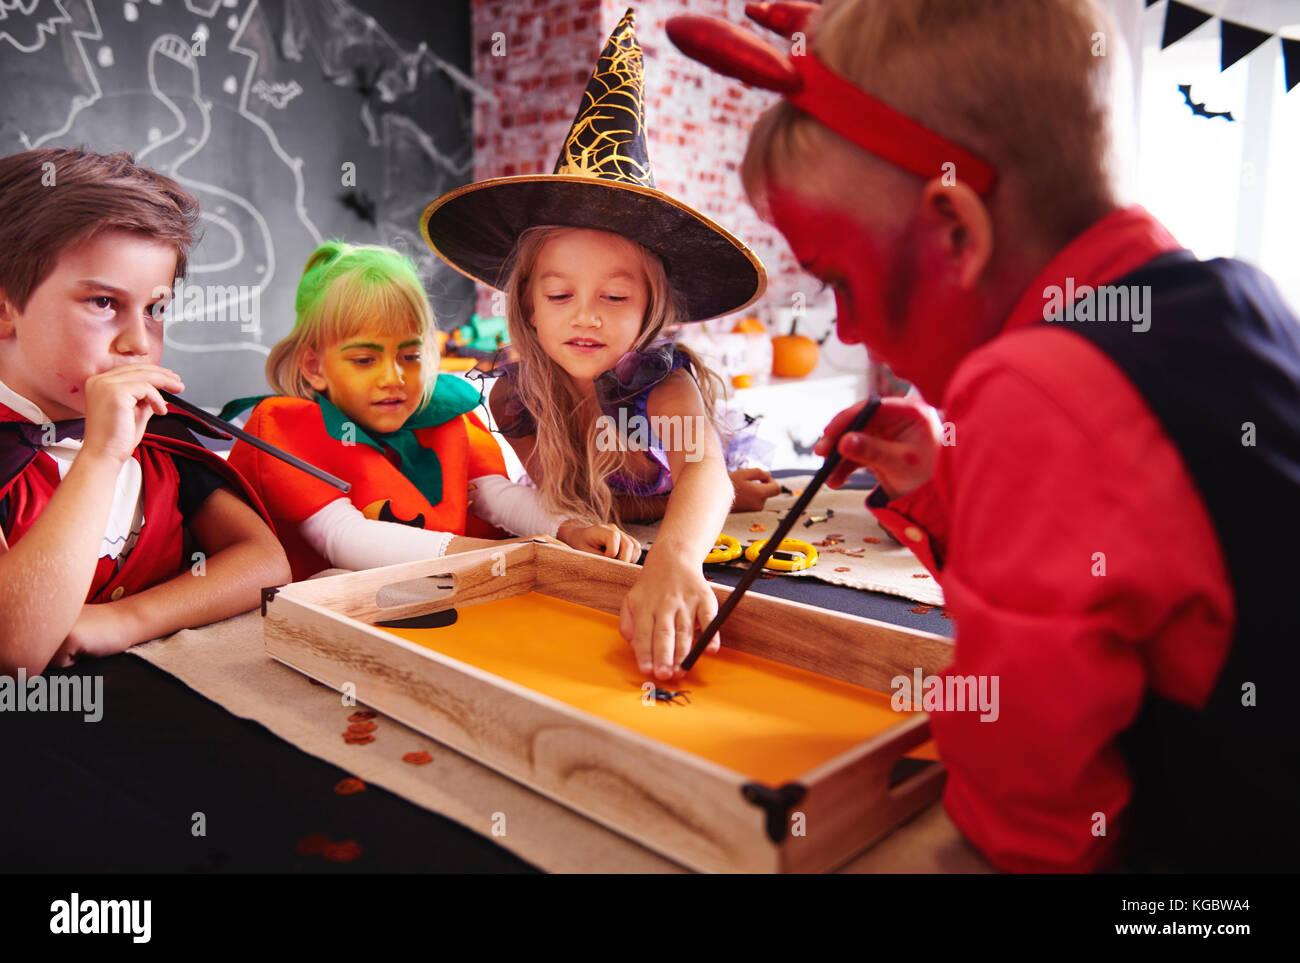 Kinder spielen mit Brettspiel Stockbild